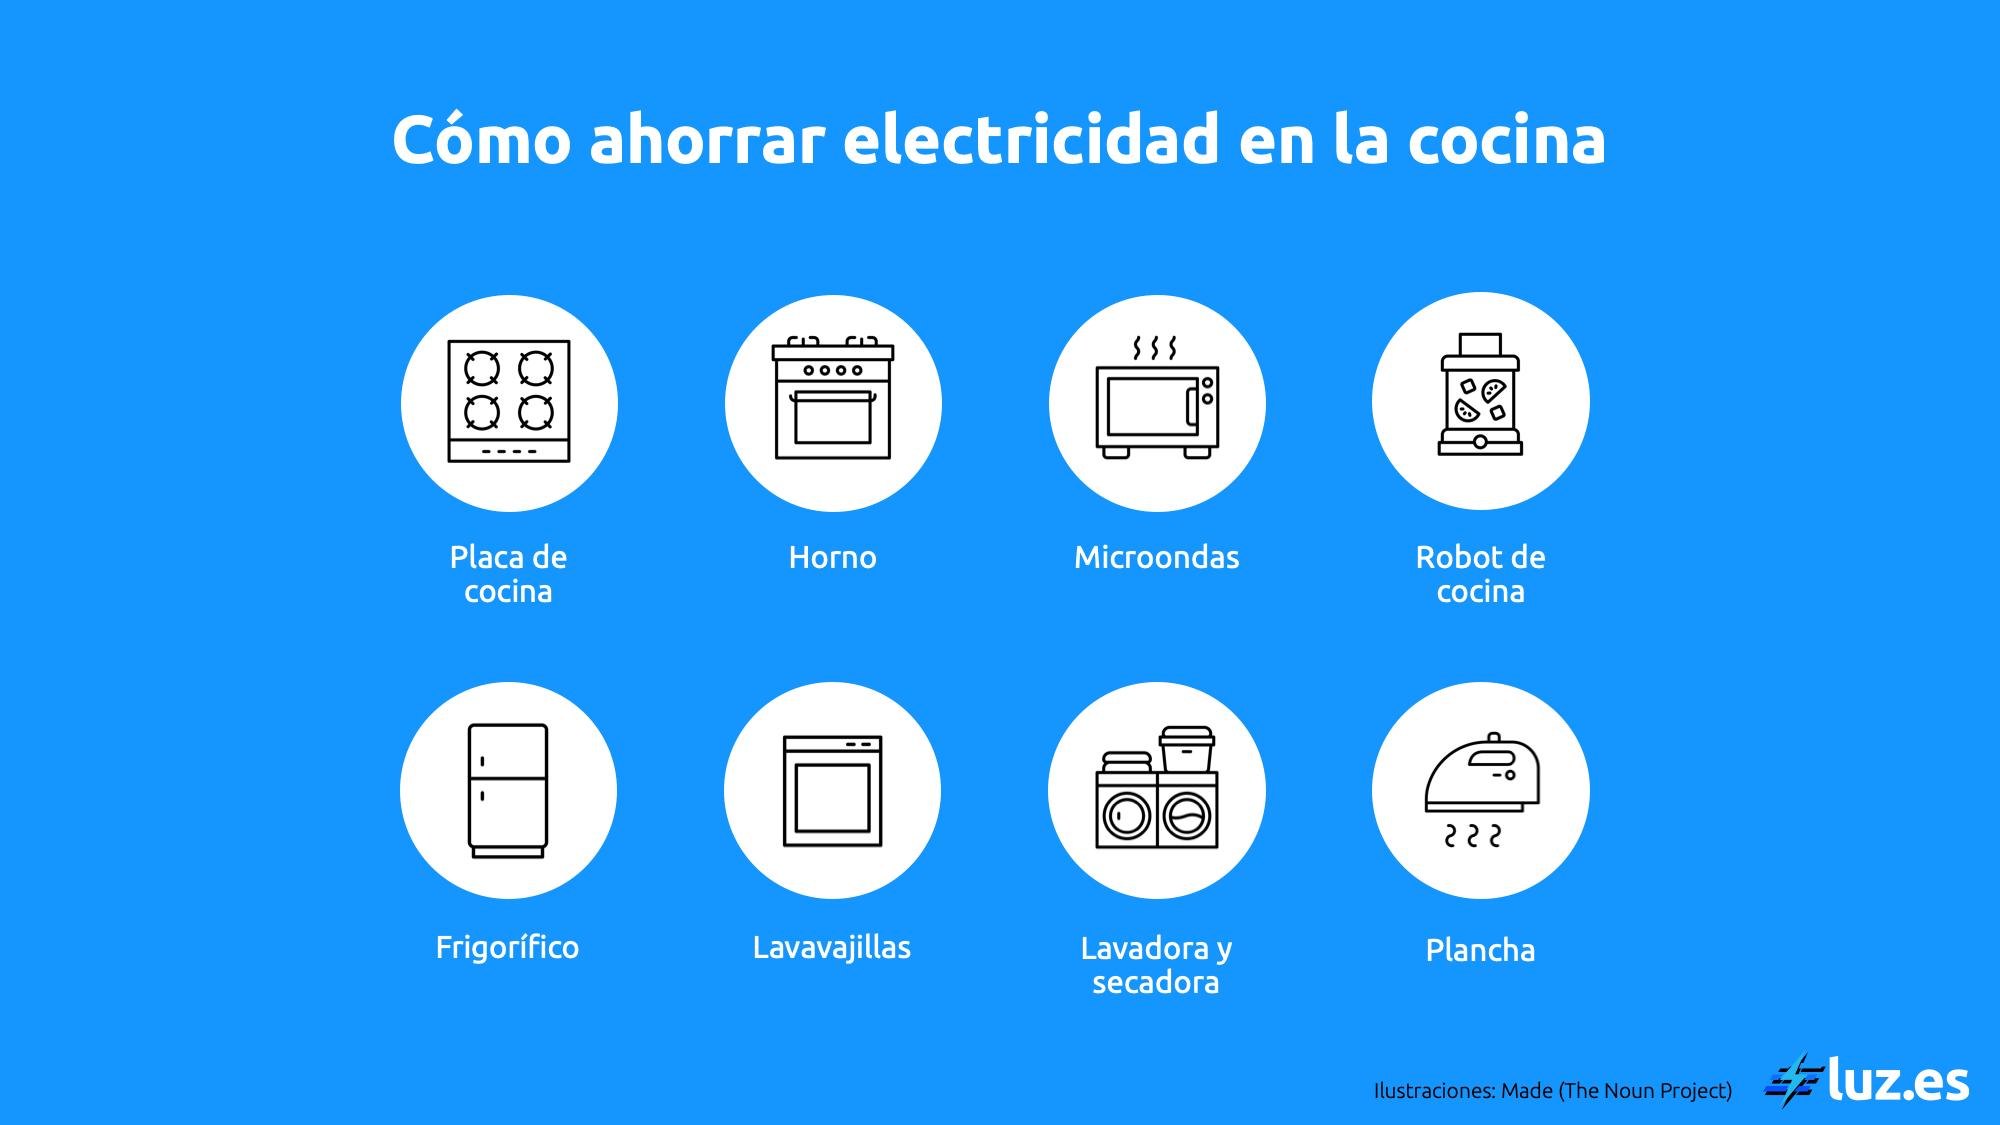 Cómo ahorrar electricidad en la cocina con los electrodomésticos  - Luz.es